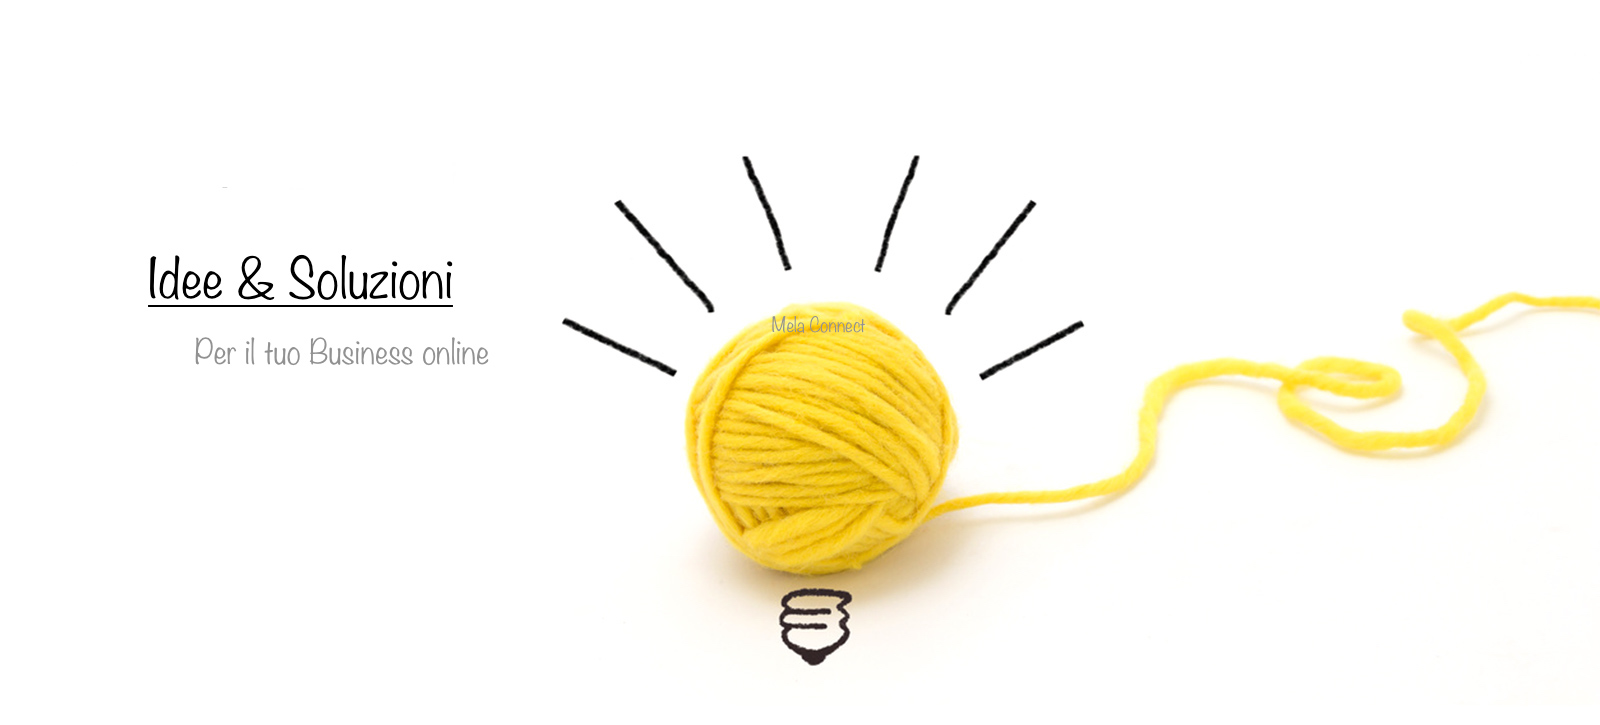 Agenzia Comunicazione generare idee innovative Mela Connect